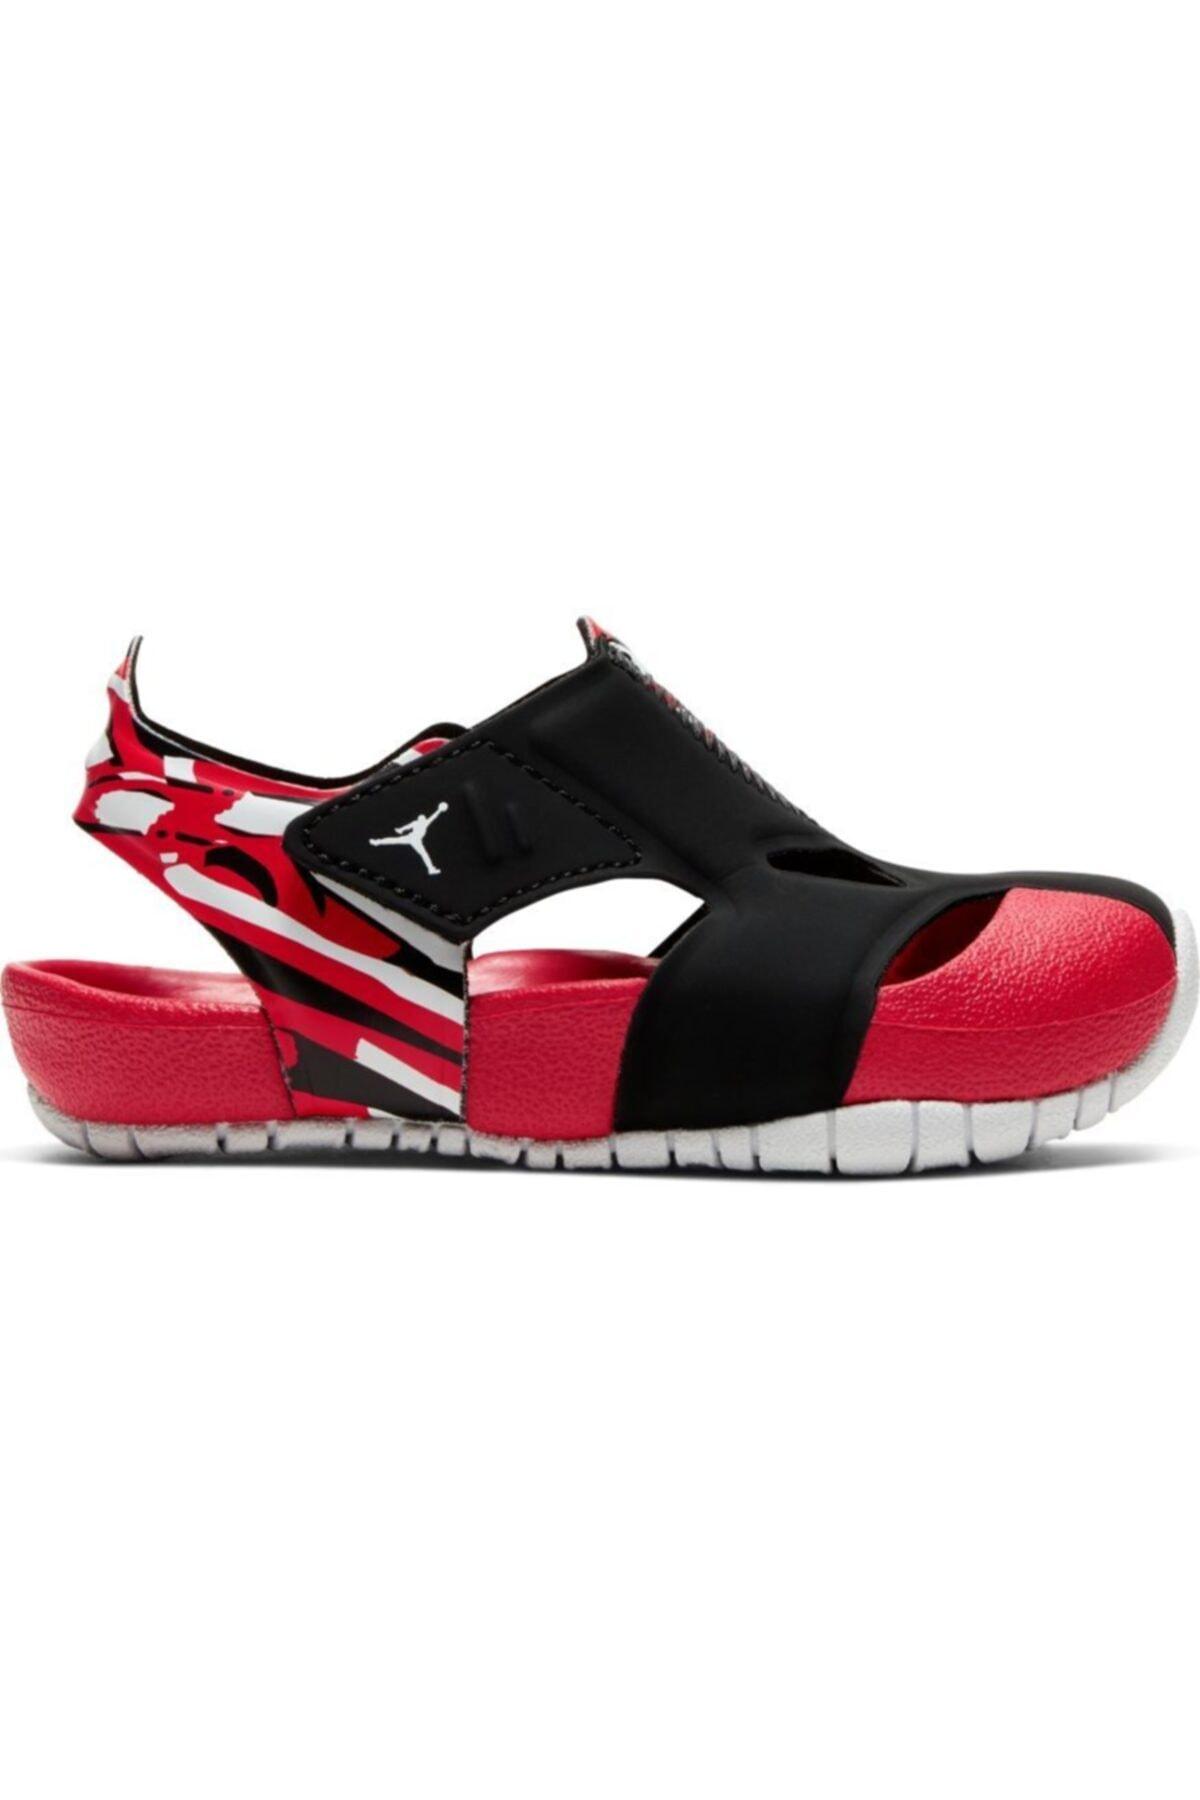 Nike Unisex Bebek Sandalet 1